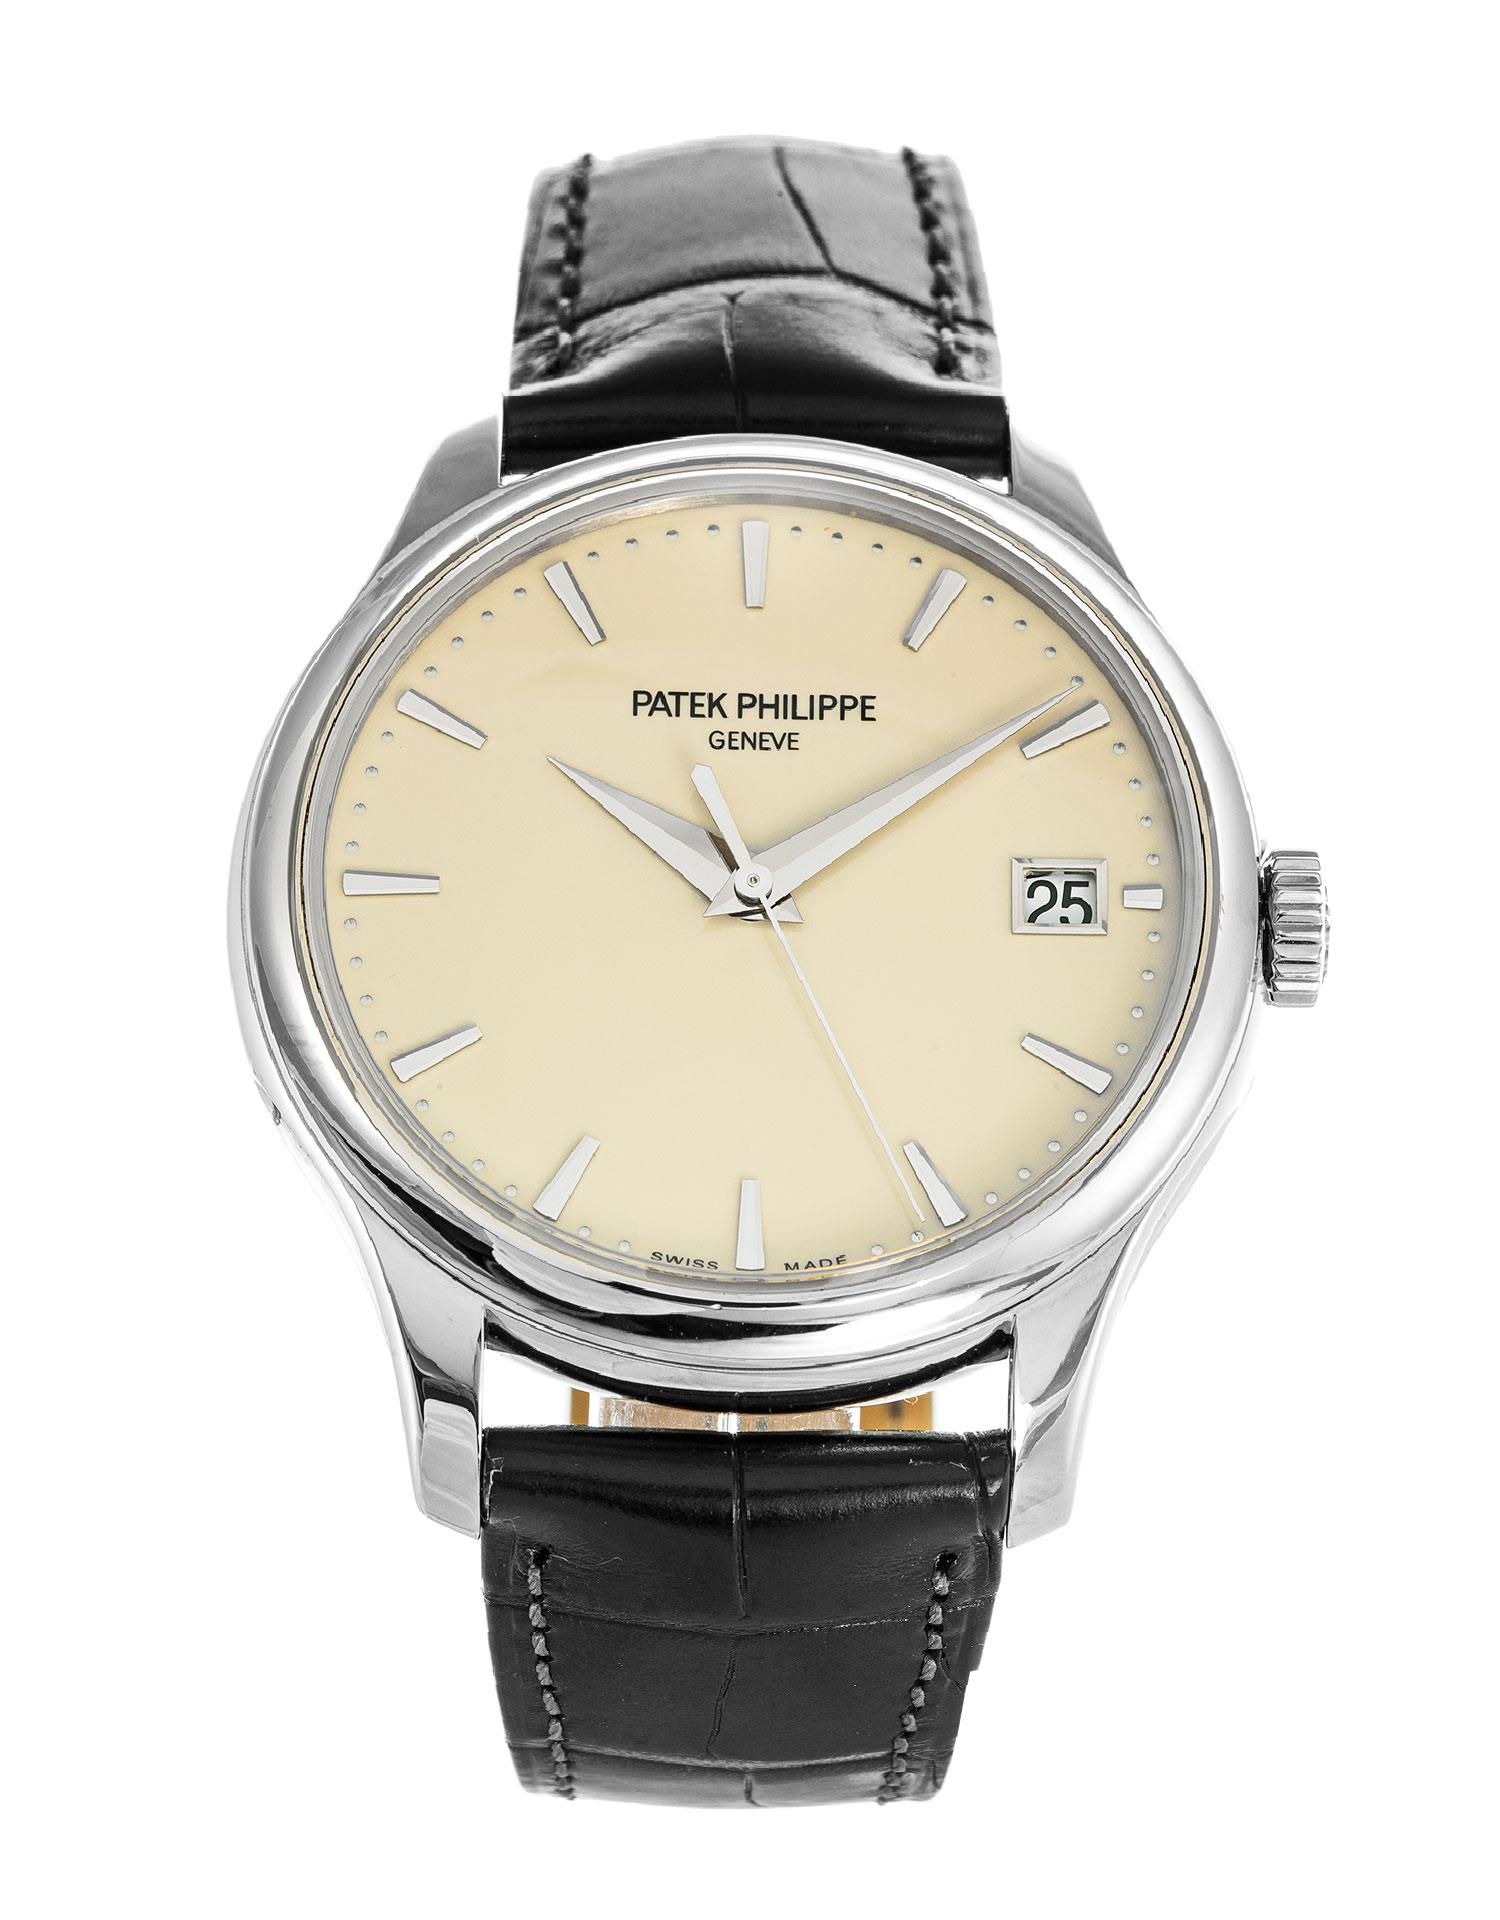 Patek Philippe Calatrava 5227g 001 Watch Watchfinder Co